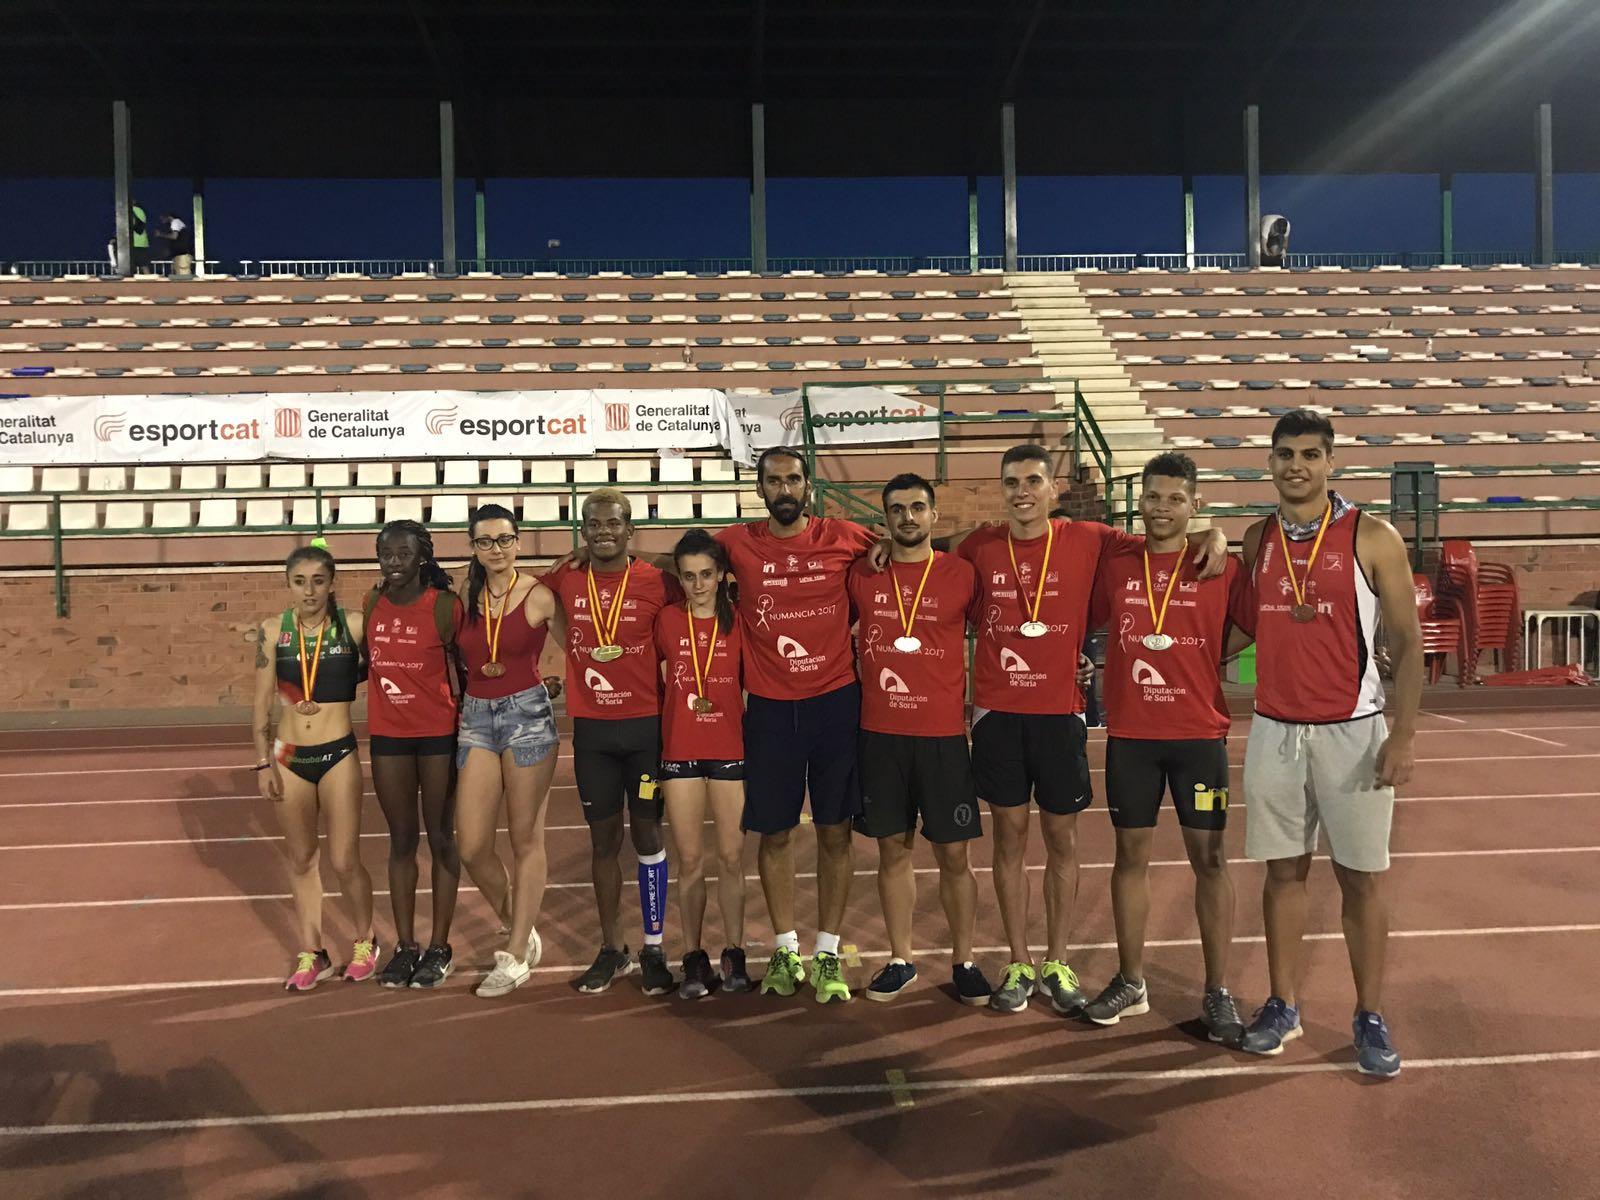 Campeonato de España Junior 2017 (Granollers)